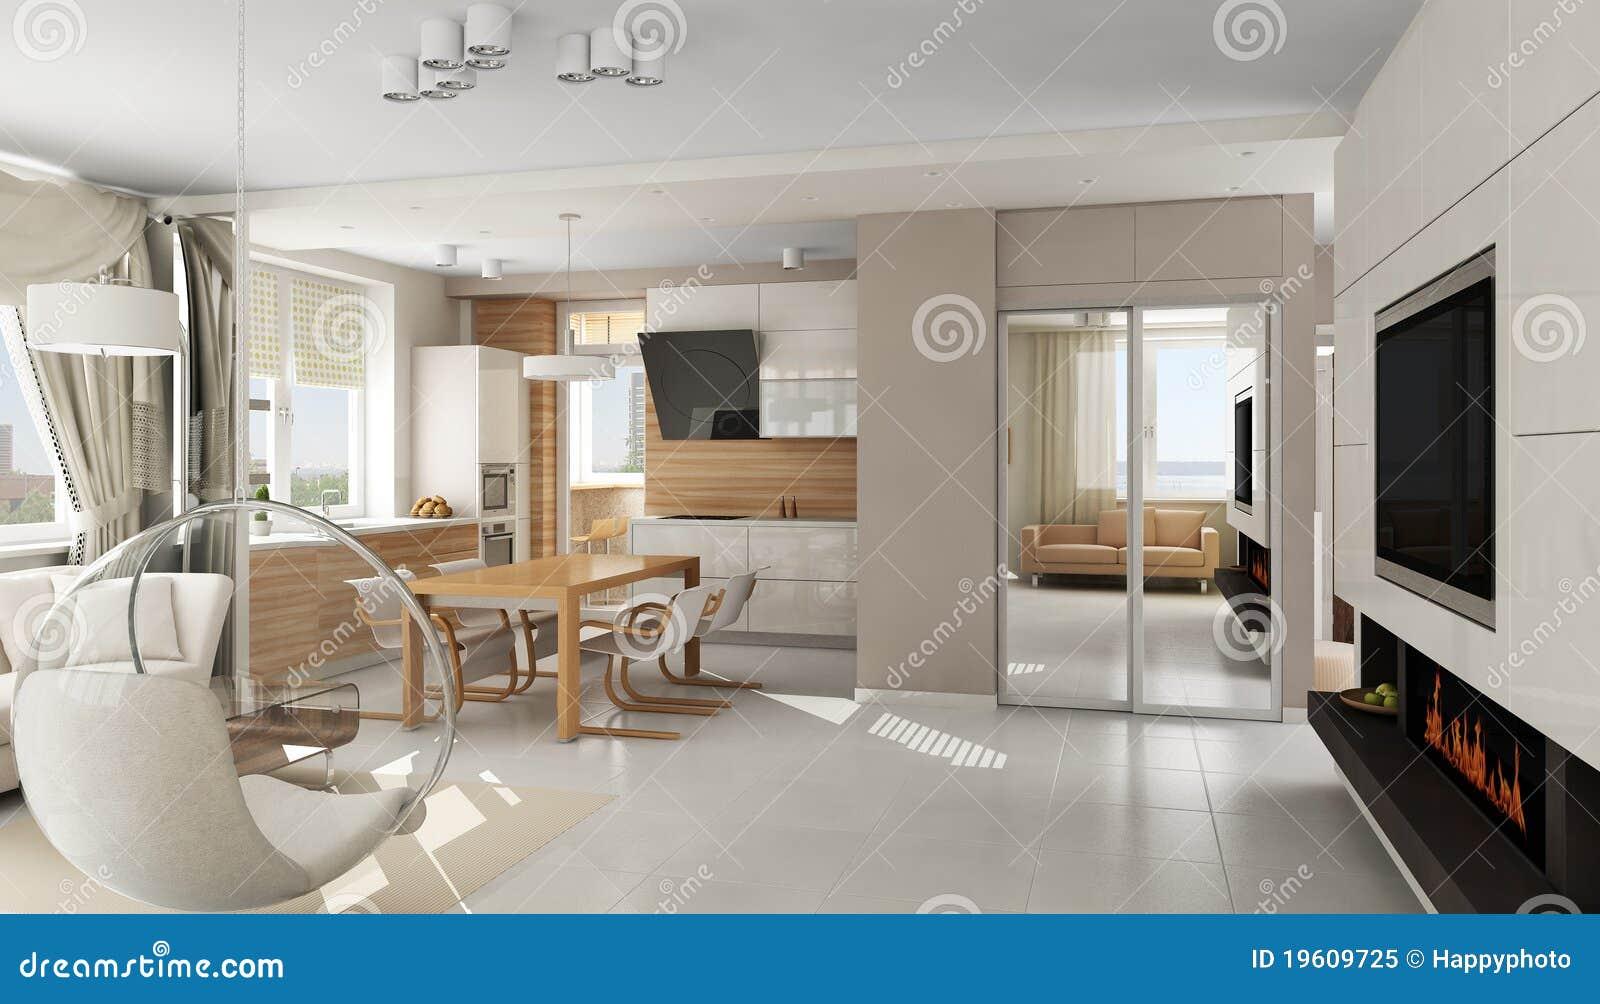 Interiore dell 39 appartamento di lusso moderno illustrazione for Piani di appartamenti moderni